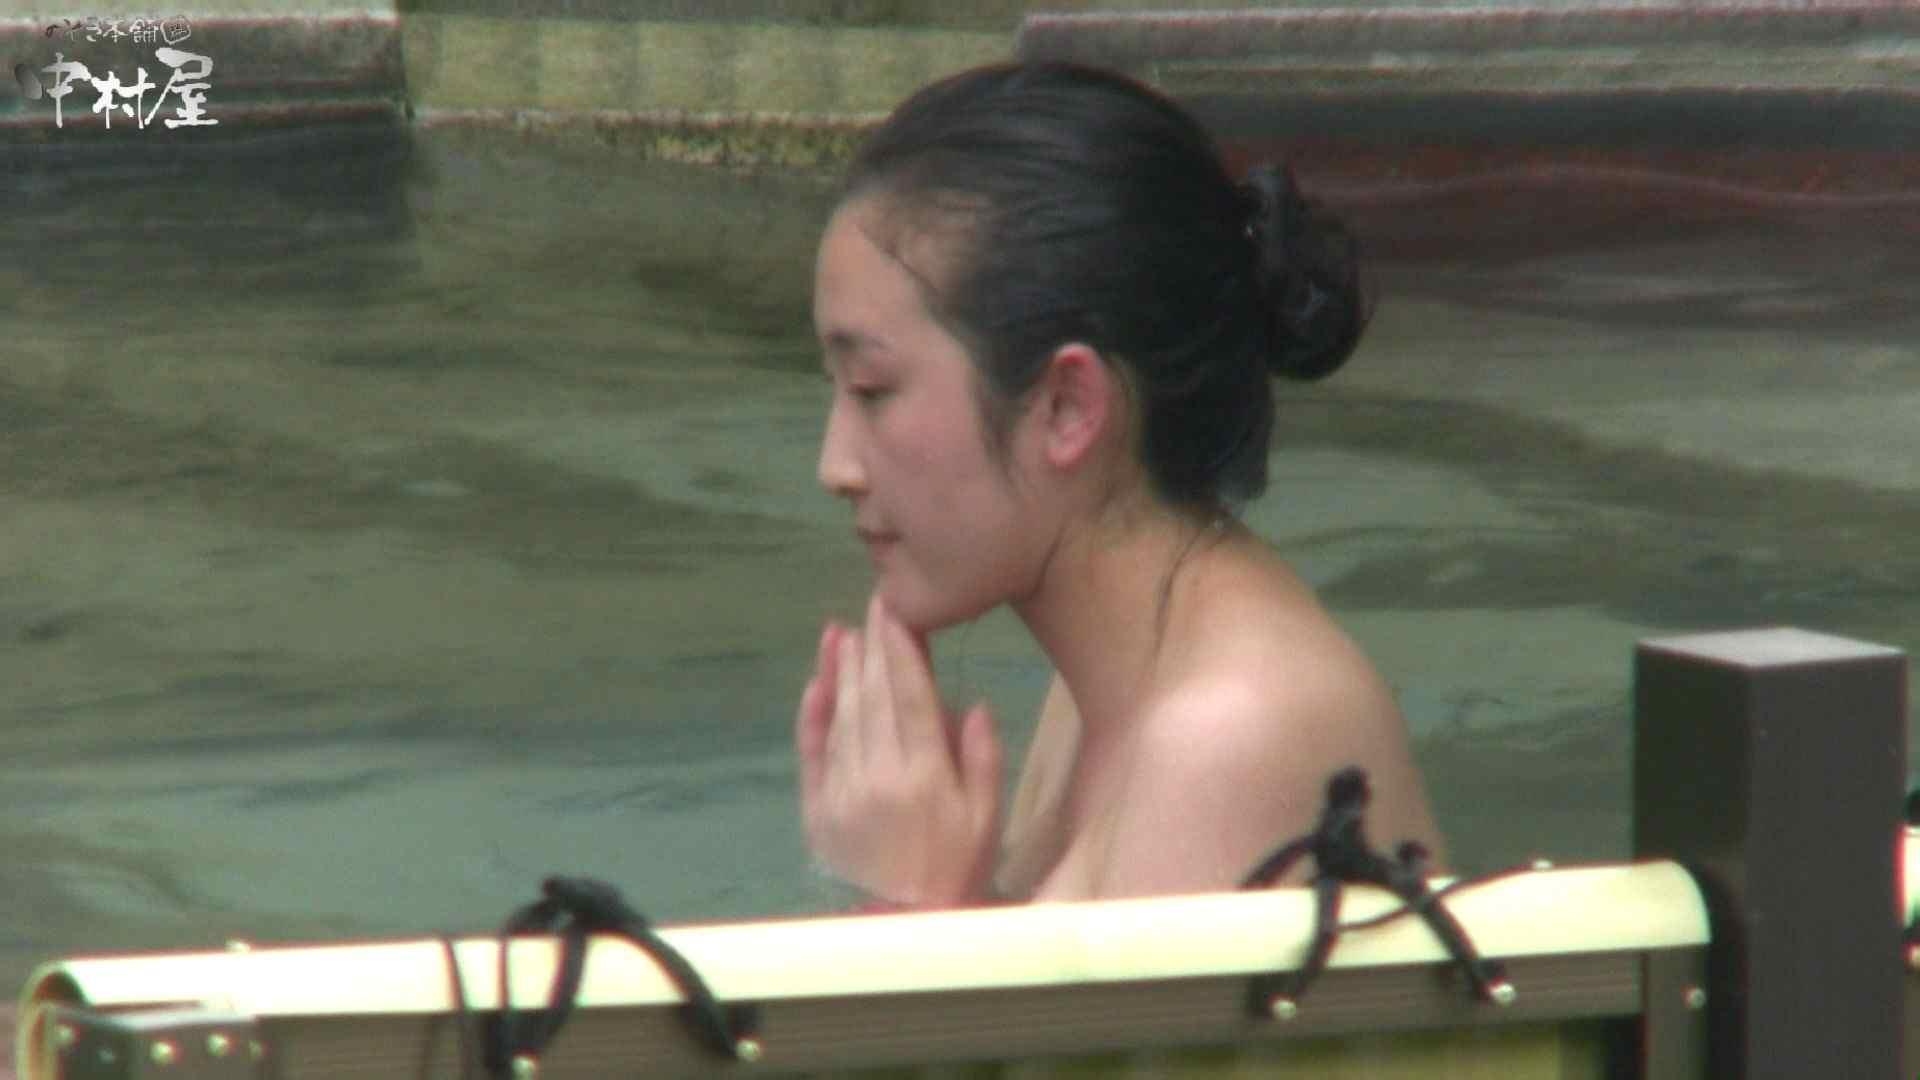 Aquaな露天風呂Vol.949 OLのエロ生活  67連発 36